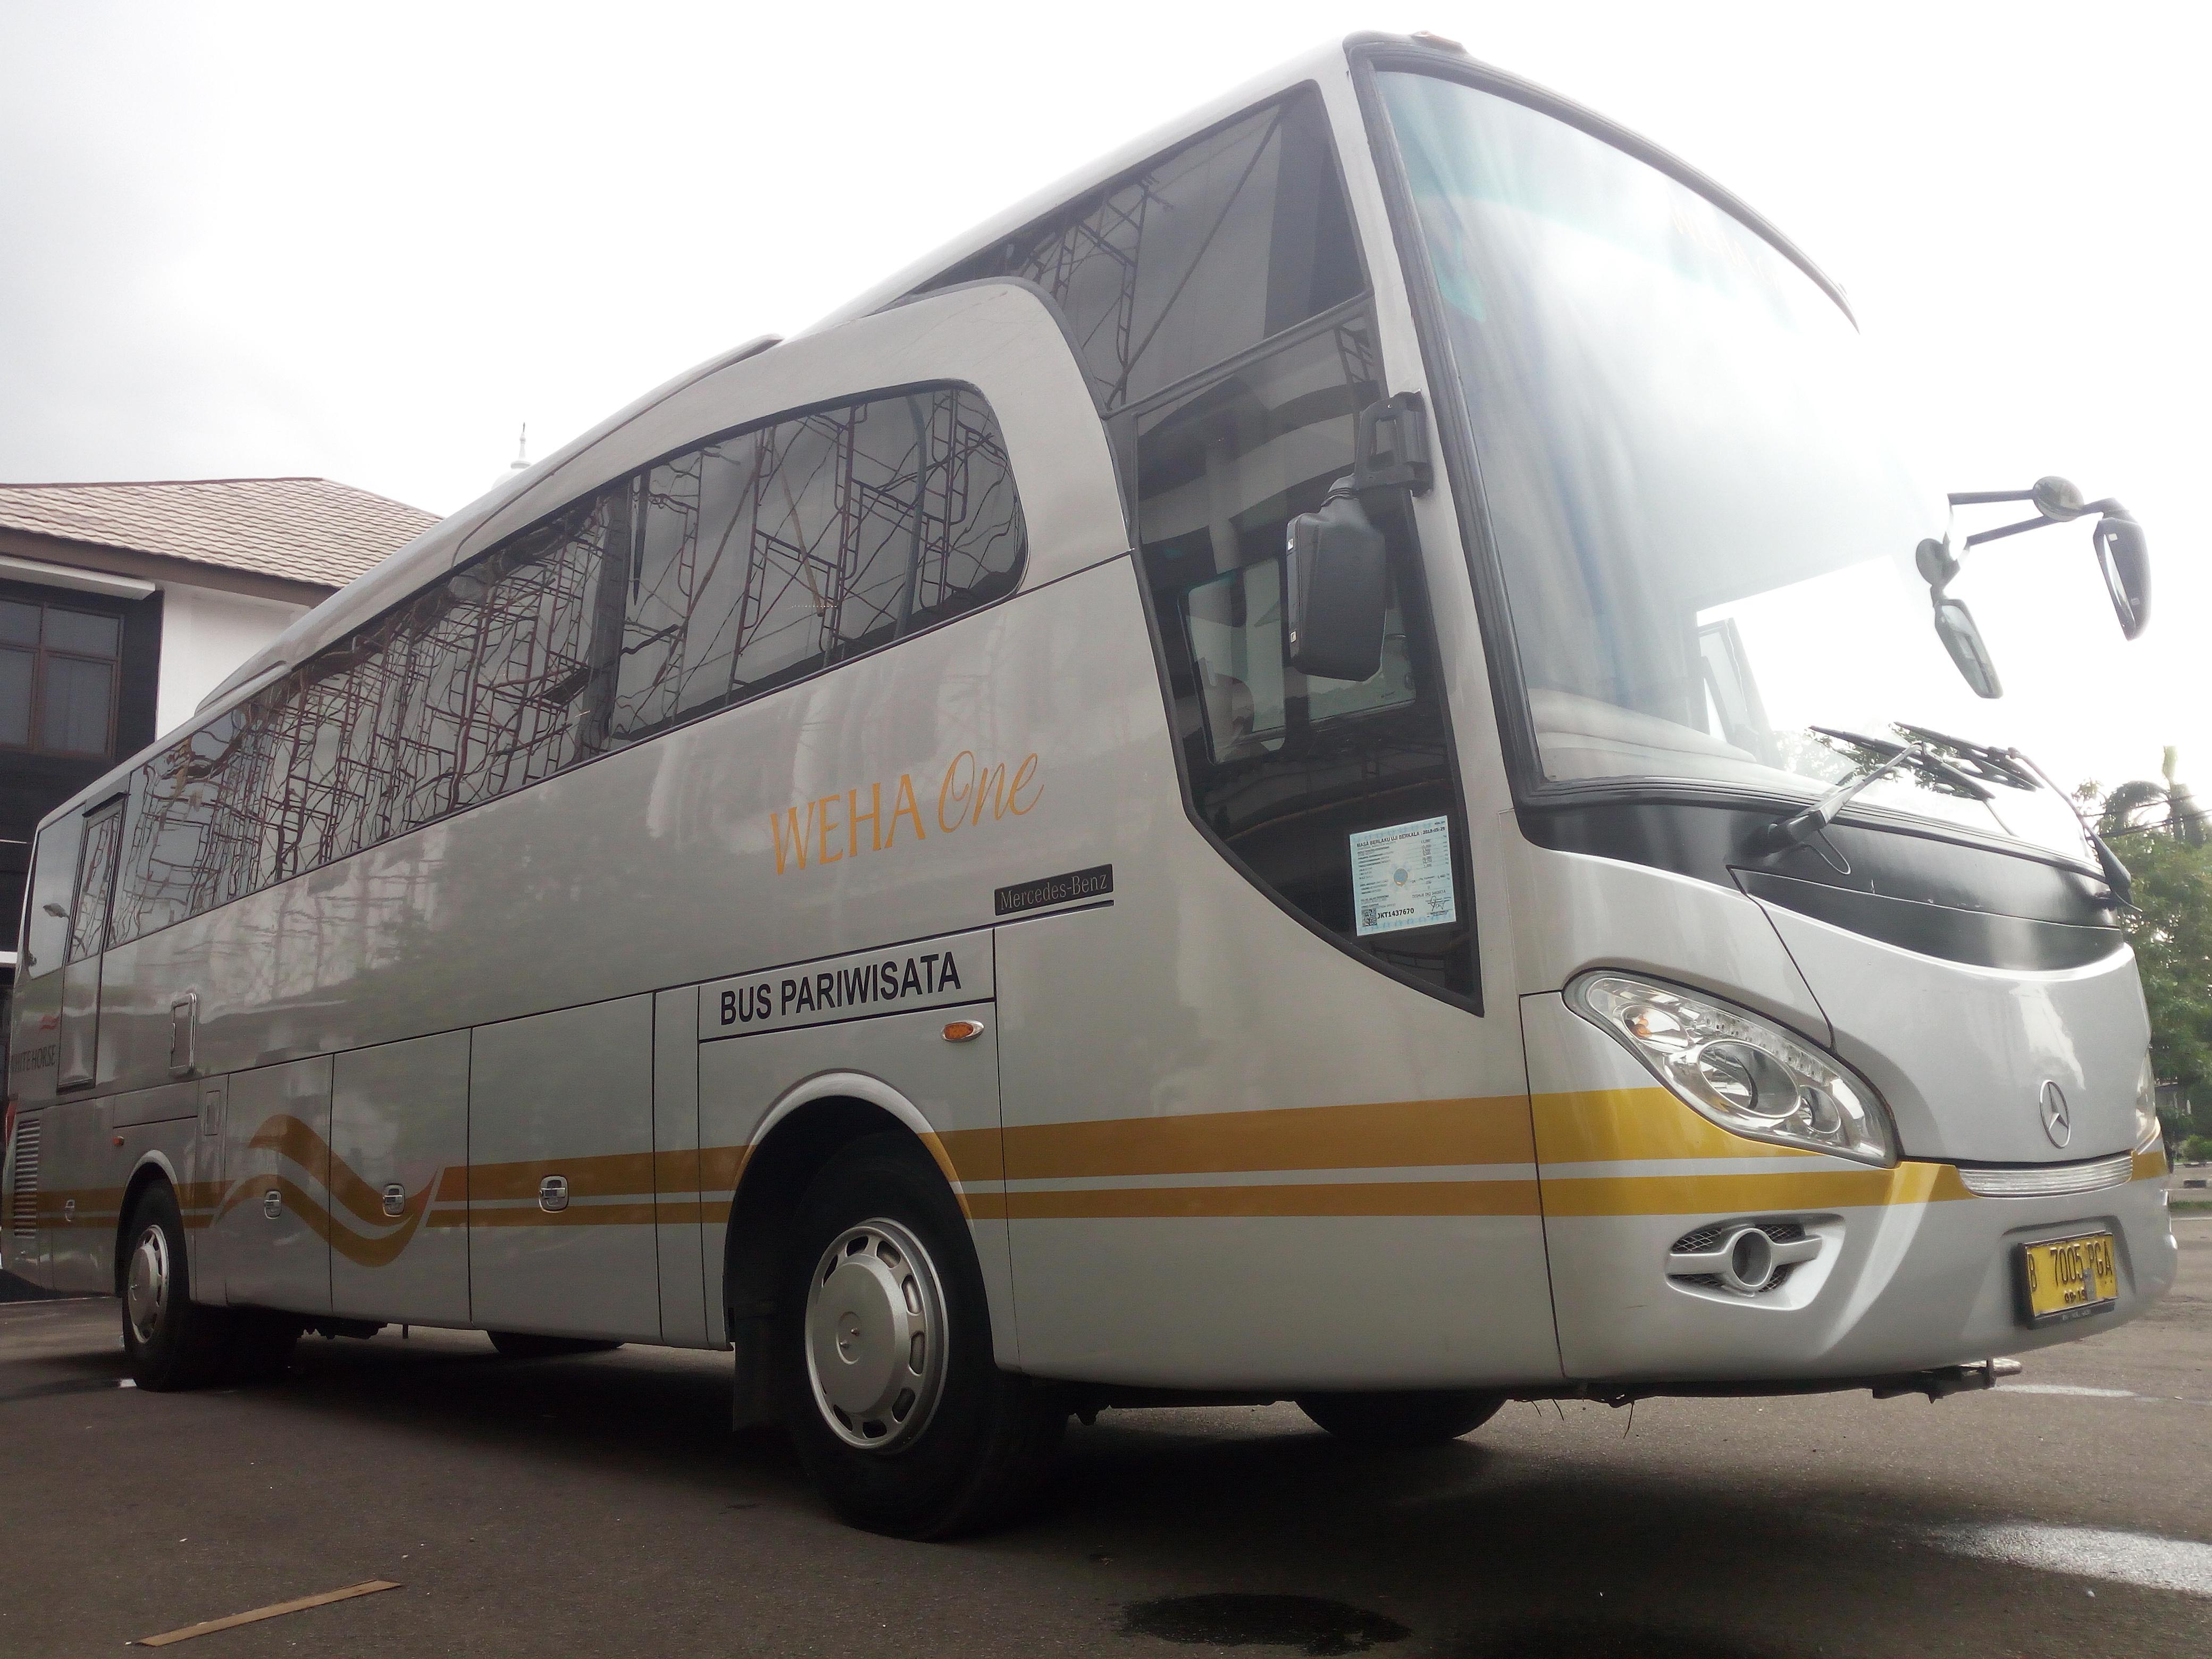 Fasilitas Lengkap - 5 Alasan Mengapa Anda Harus Menyewa Weha One Bus Premium dari White Horse